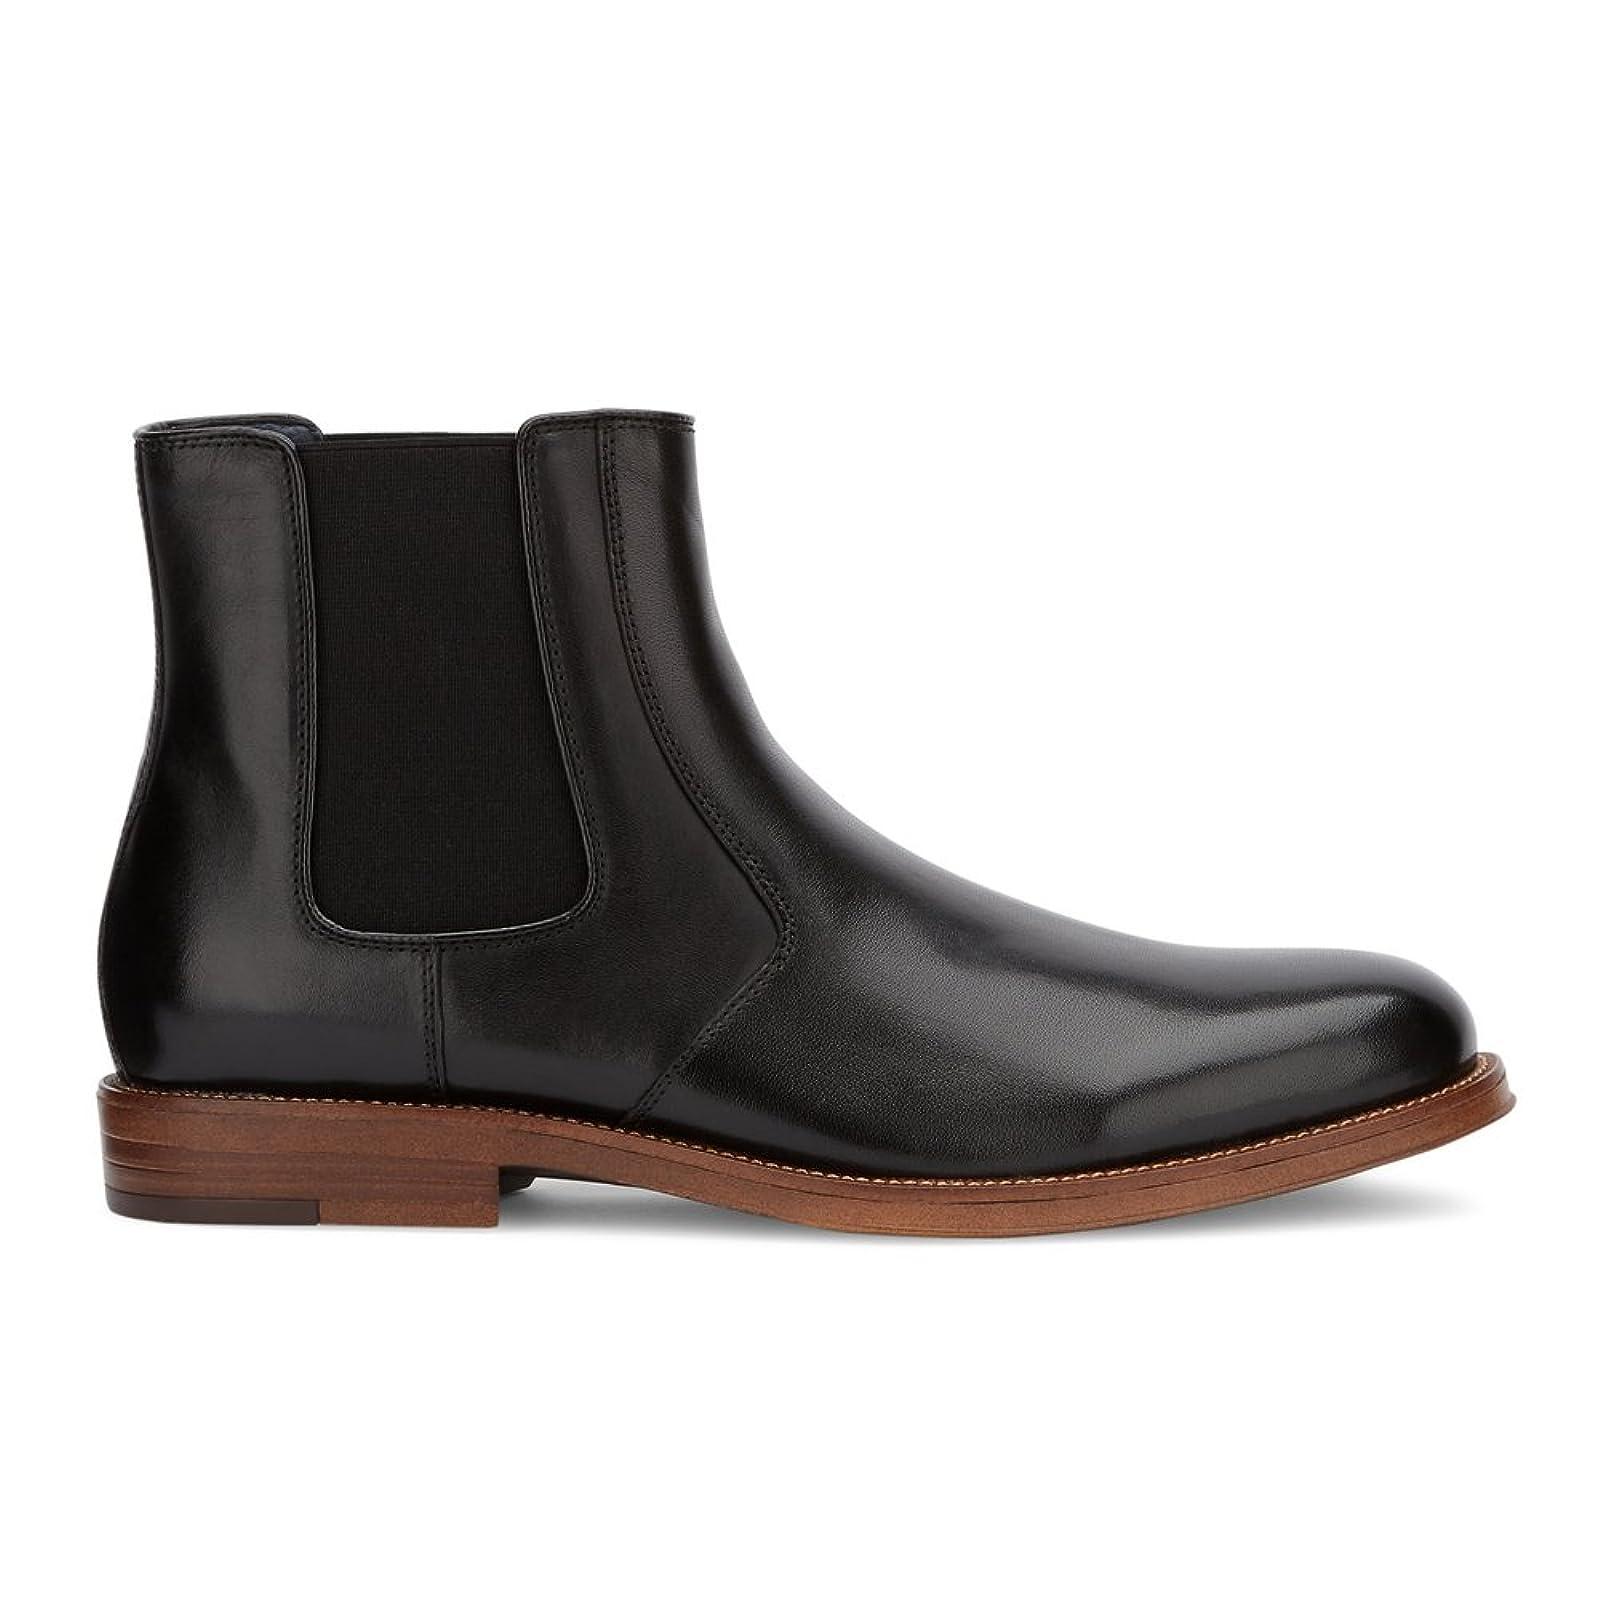 Dockers Men's Ashford Chelsea Boot Black - 6